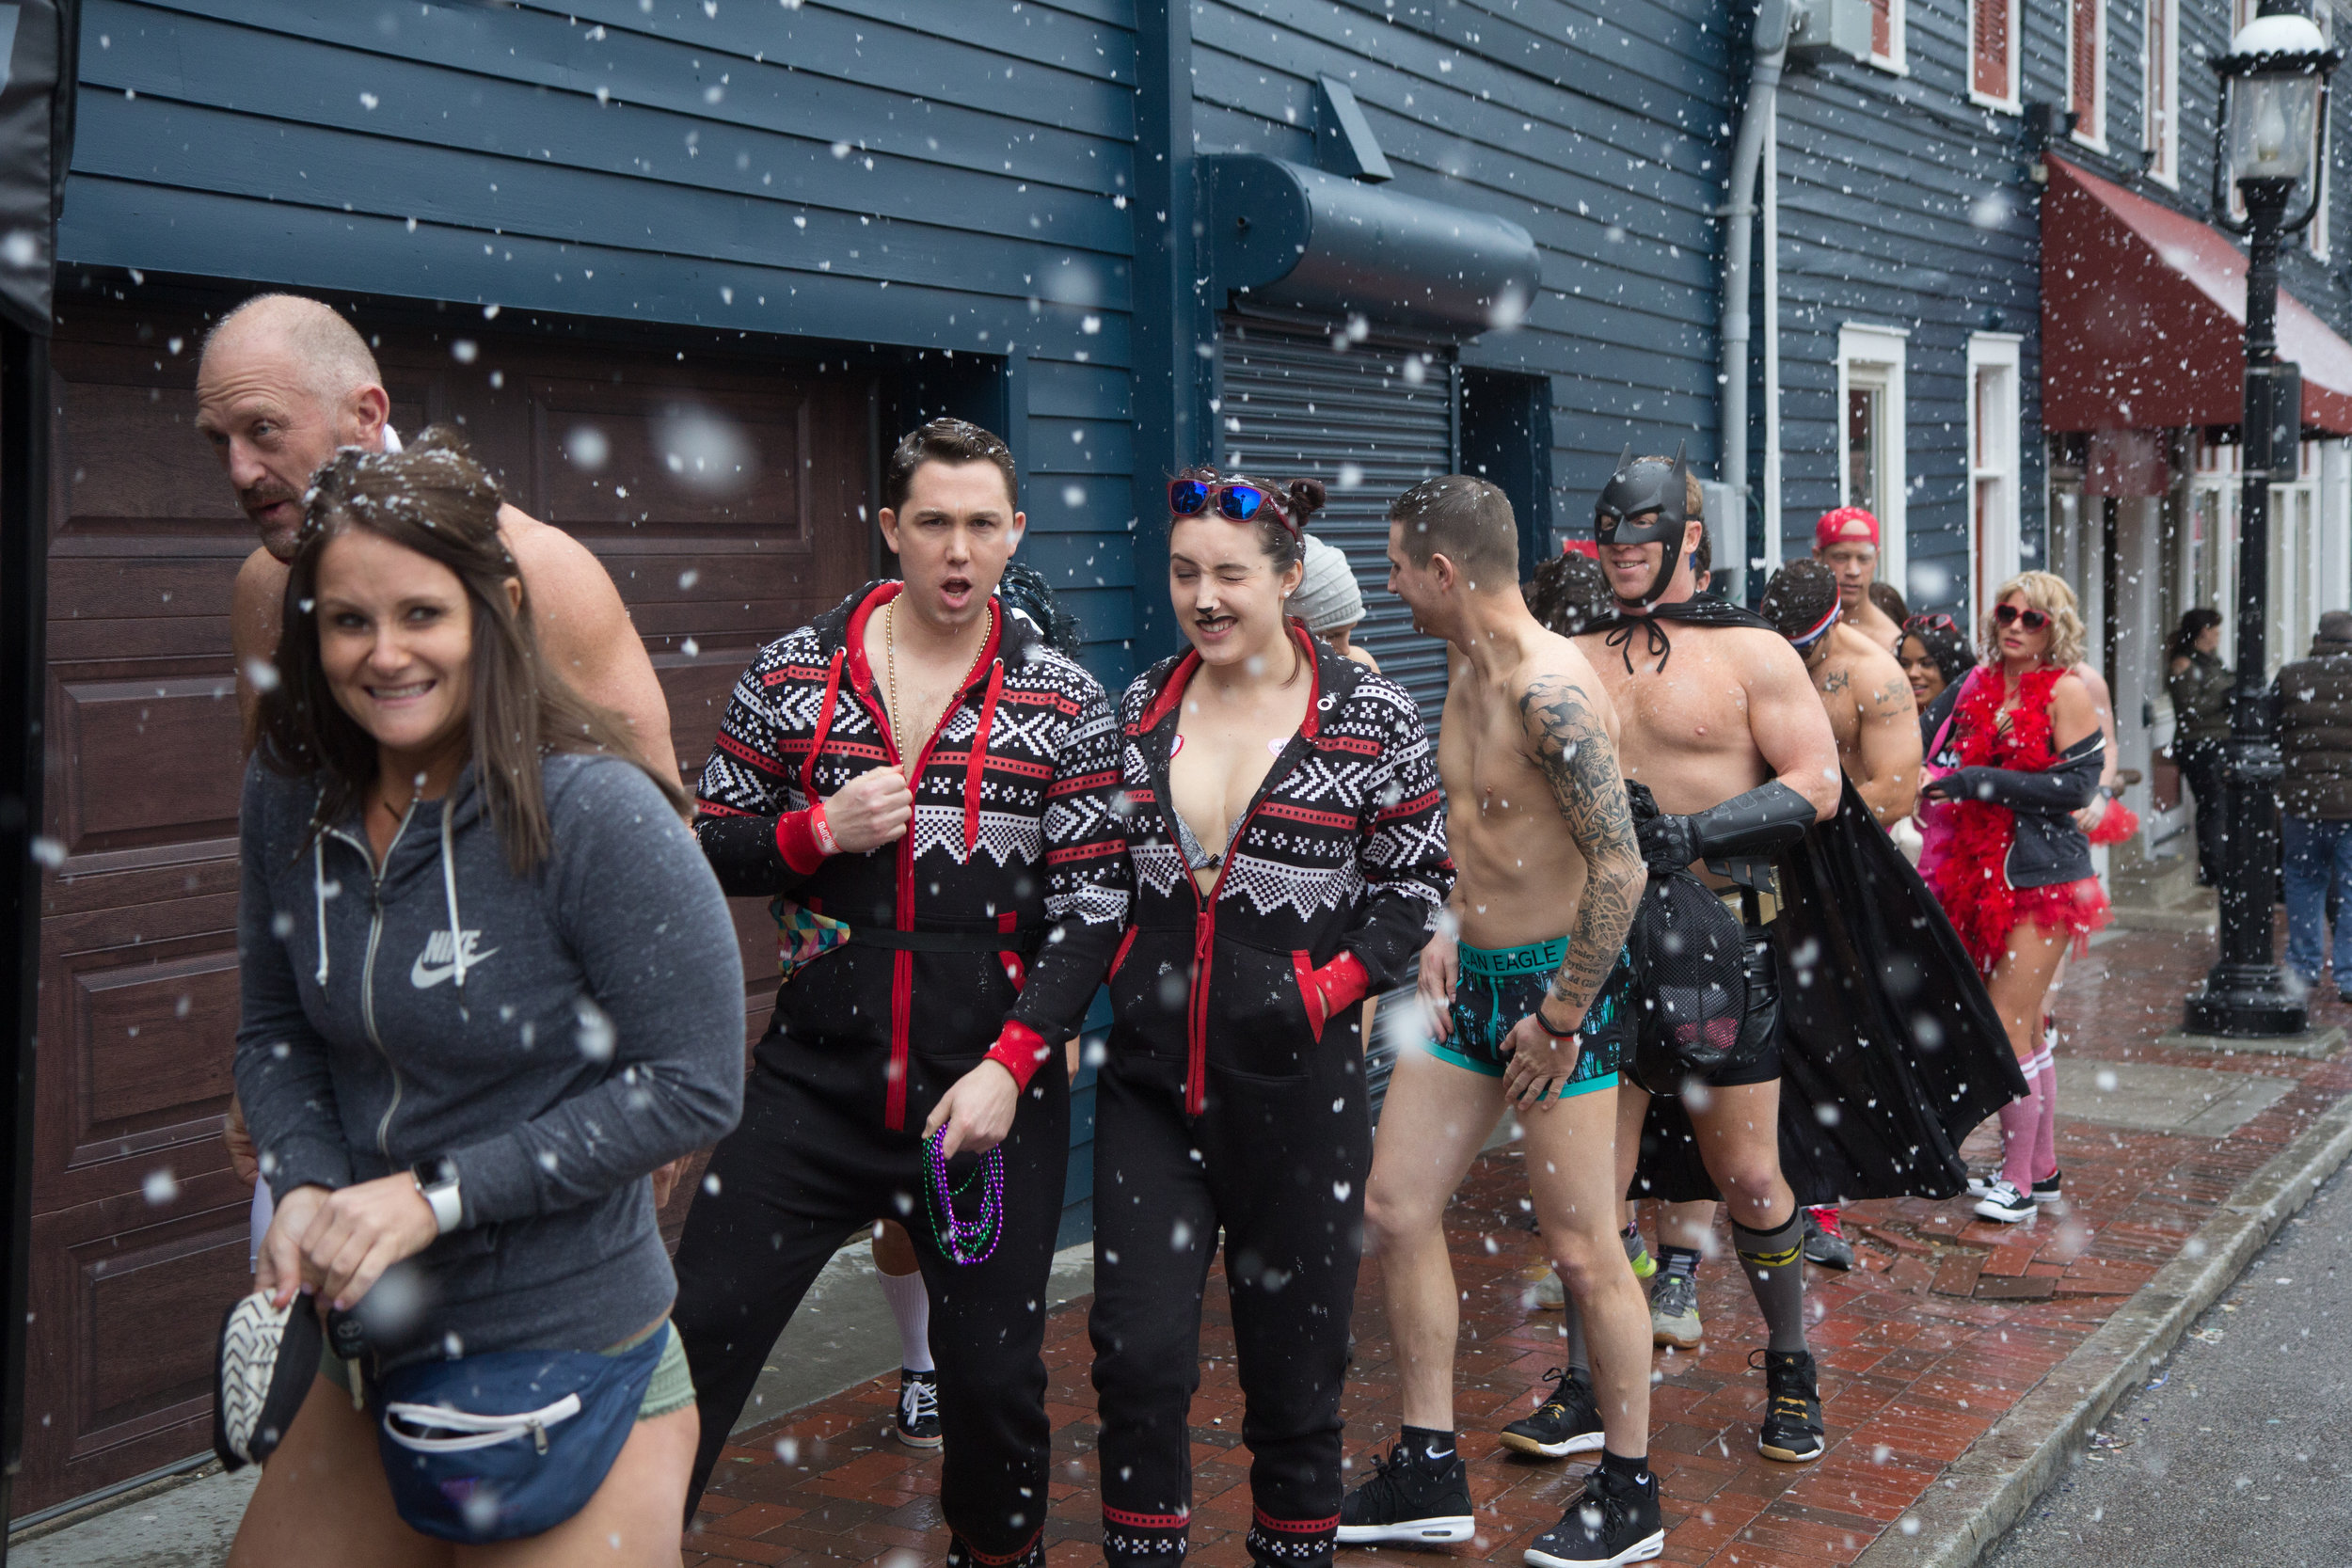 CaseyMillerPhoto - Cupid Undie Run 2018  (13 of 252).jpg